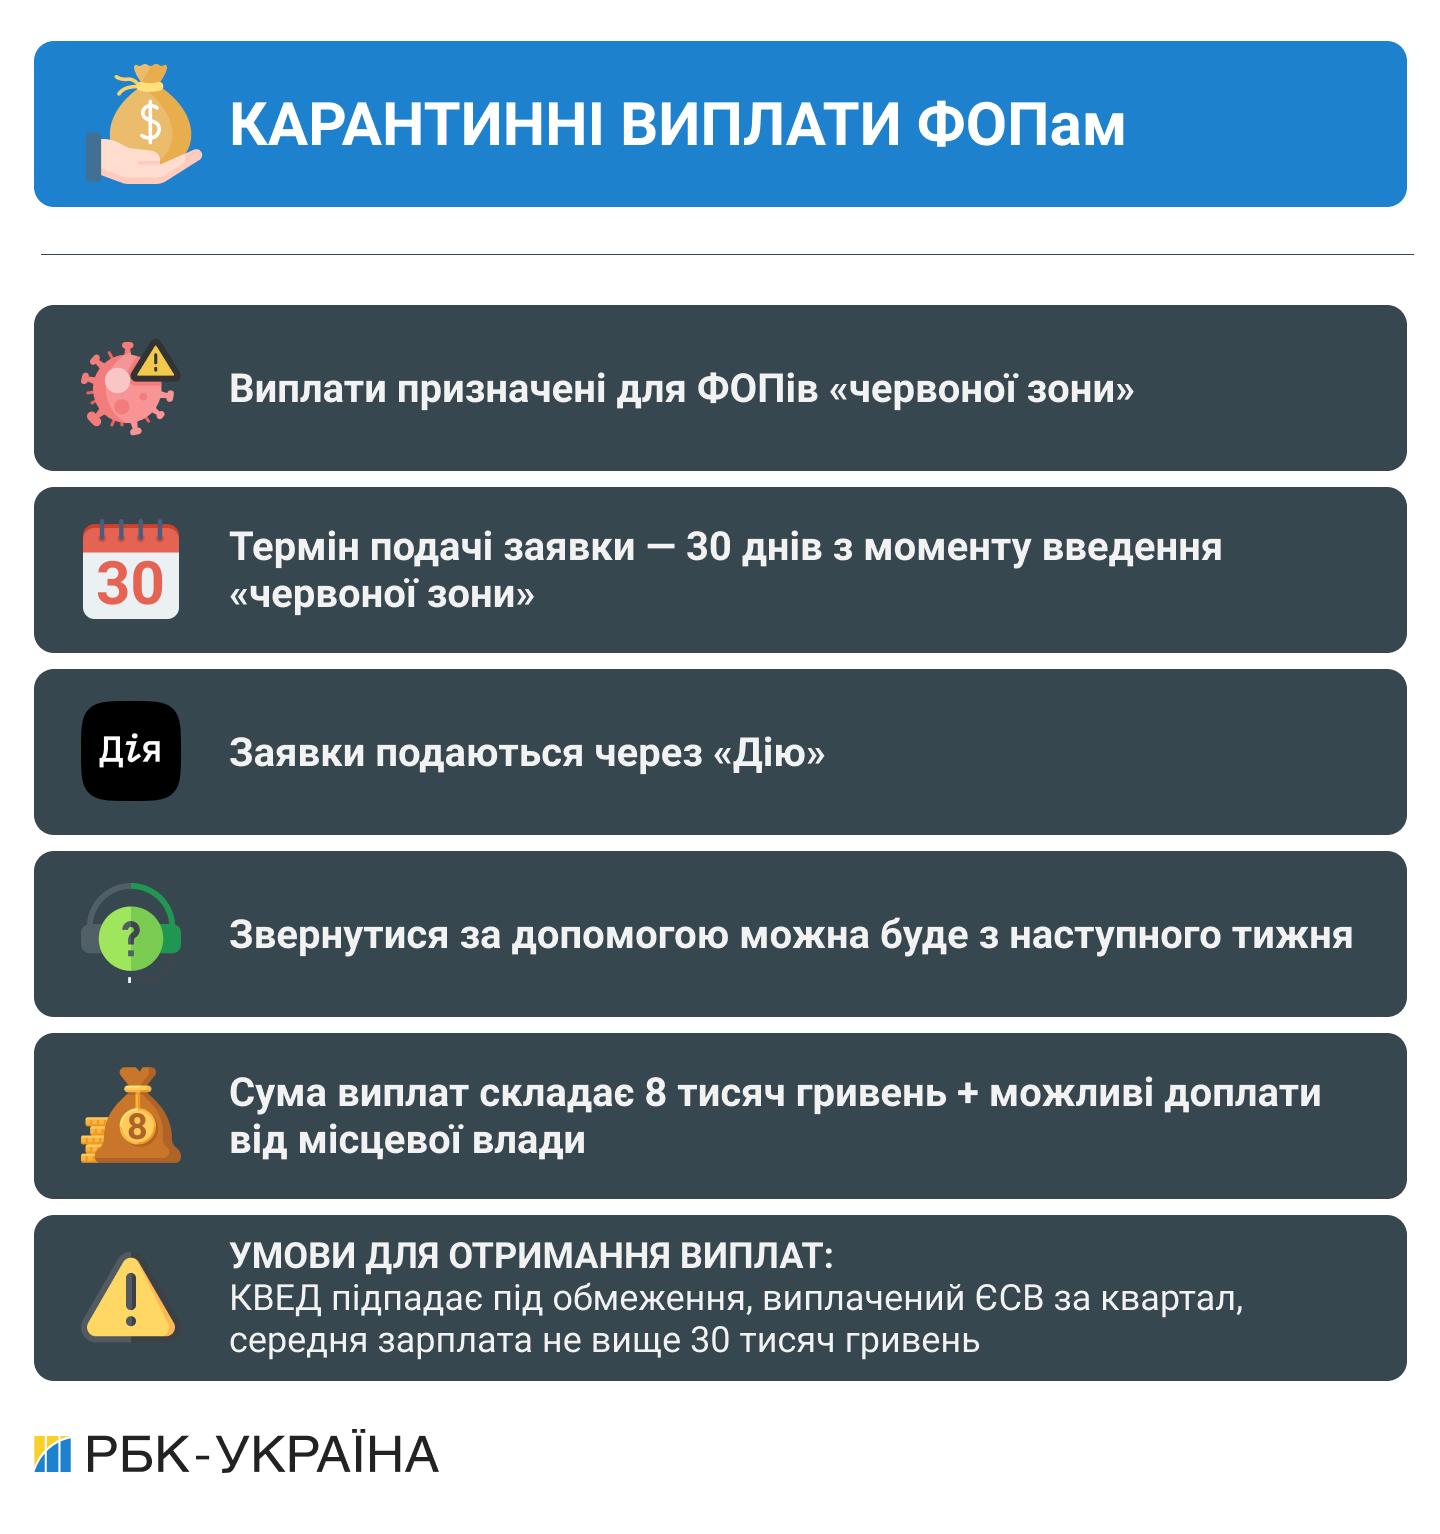 Виплати по 8 тисяч гривень: хто зможе отримати гроші